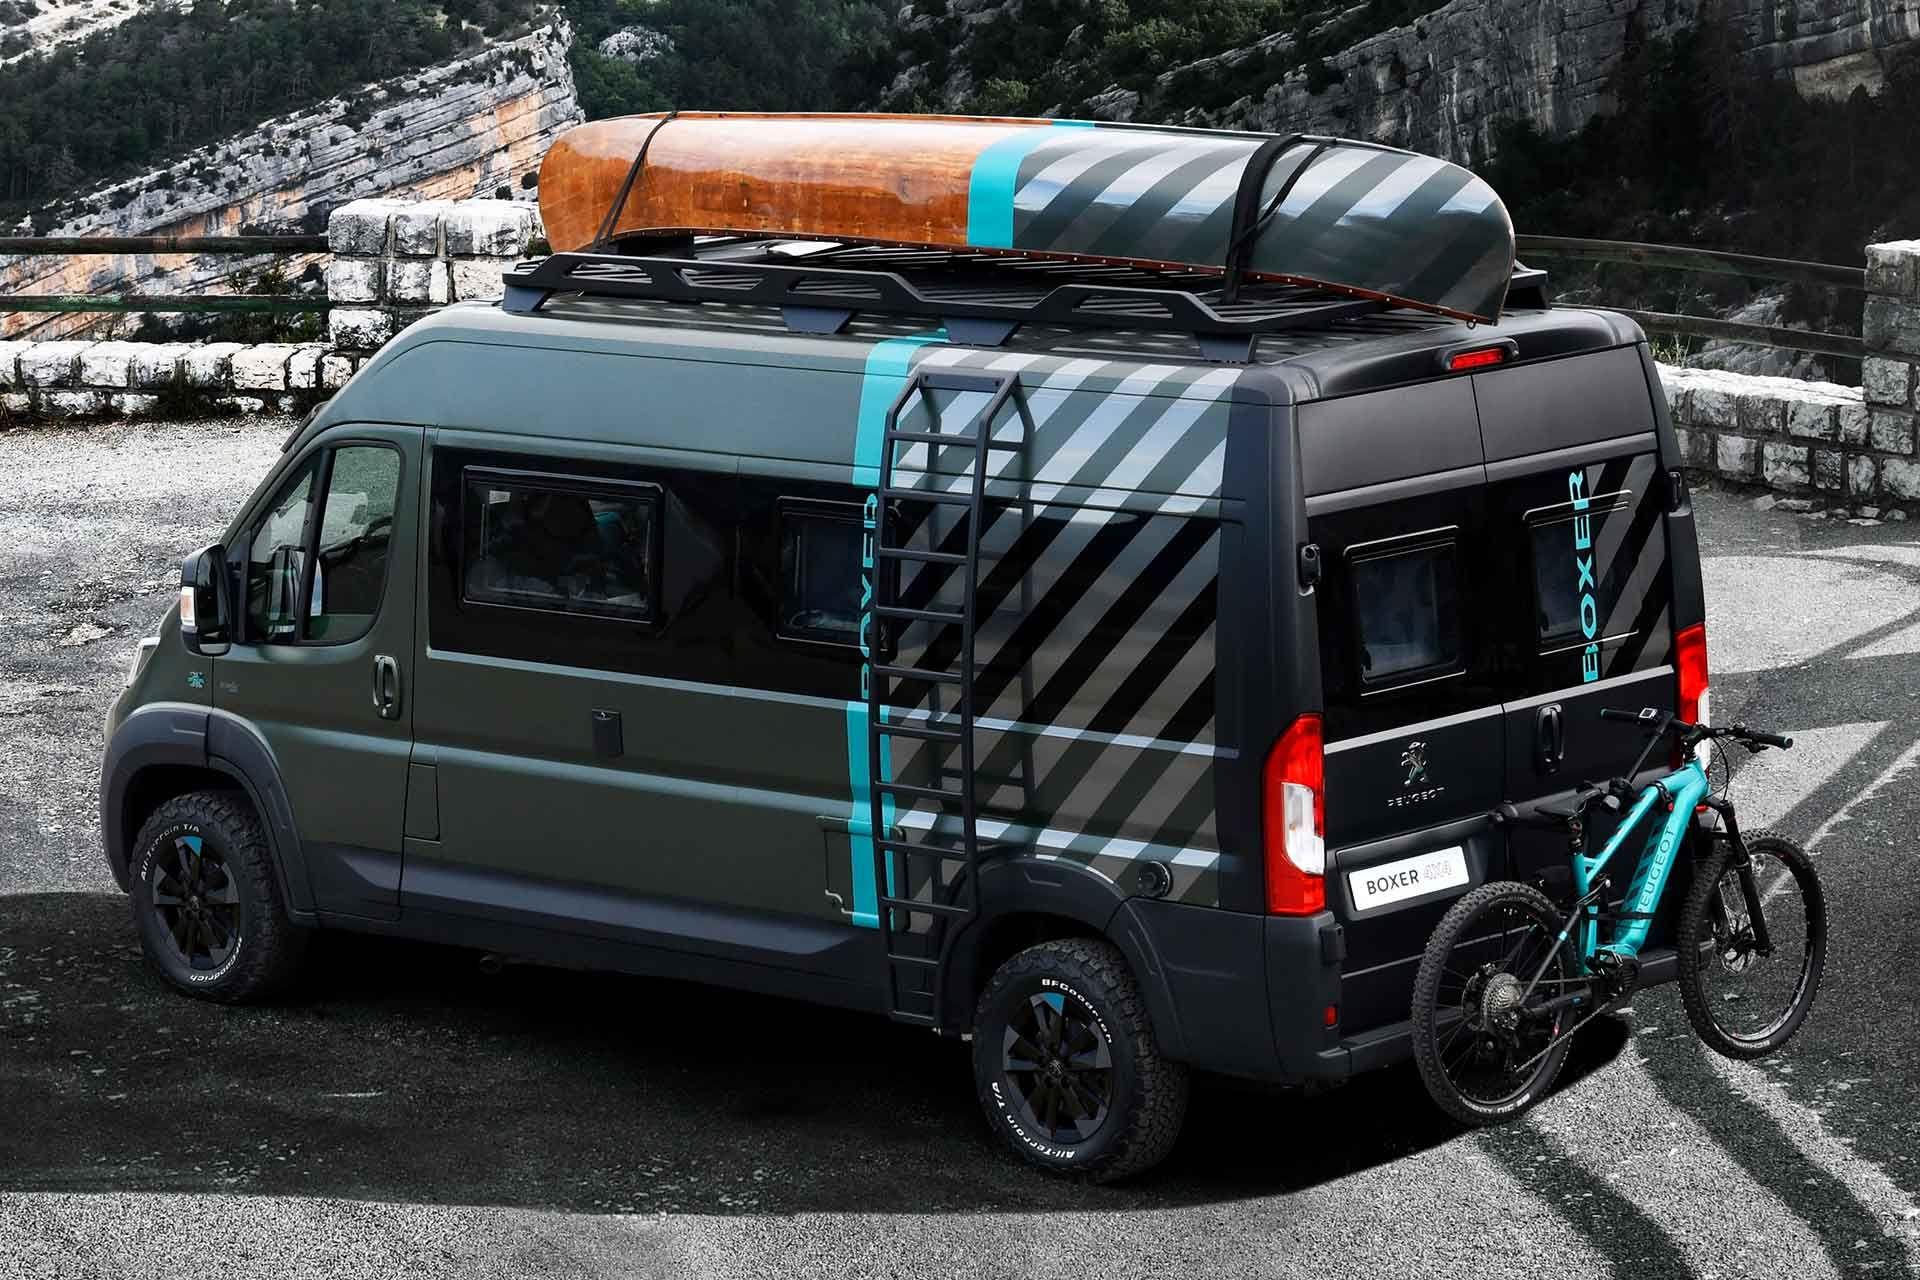 Peugeot Boxer 8×8 Camper Van Concept  8x8 camper van, Van, Peugeot